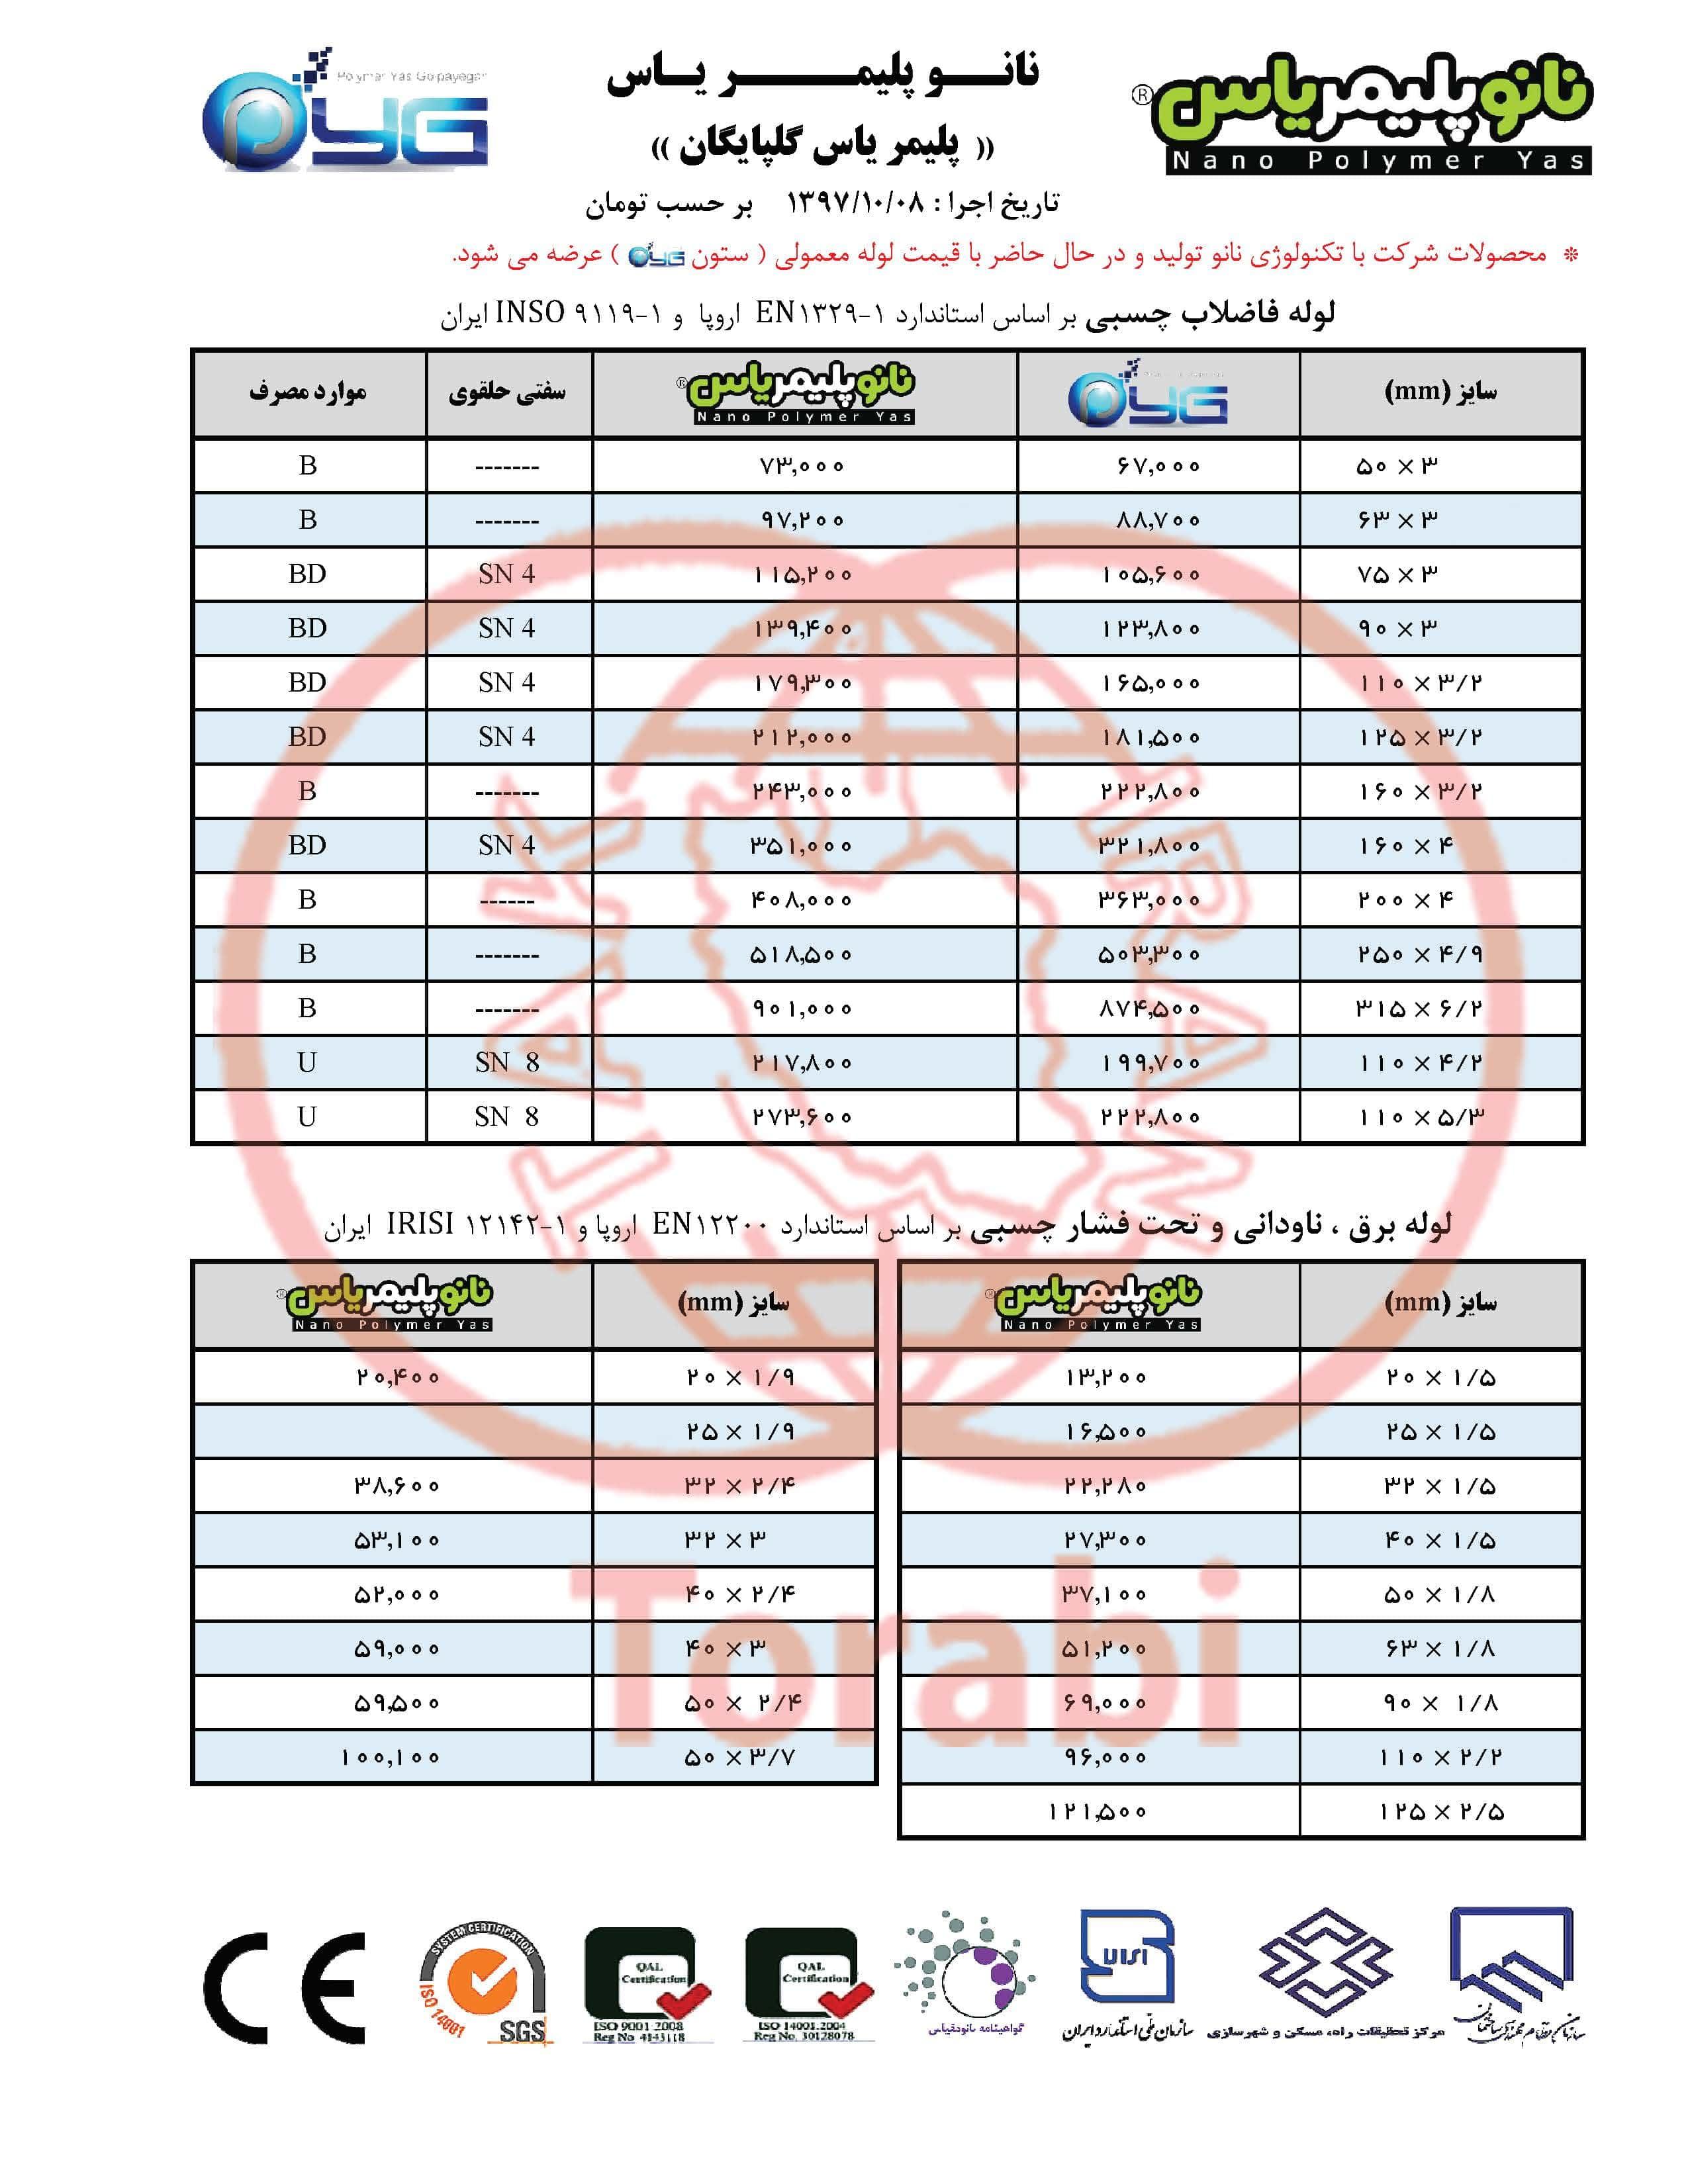 لیست قیمت پلیمر یاس گلپایگان 97/10/08 صفحه 1